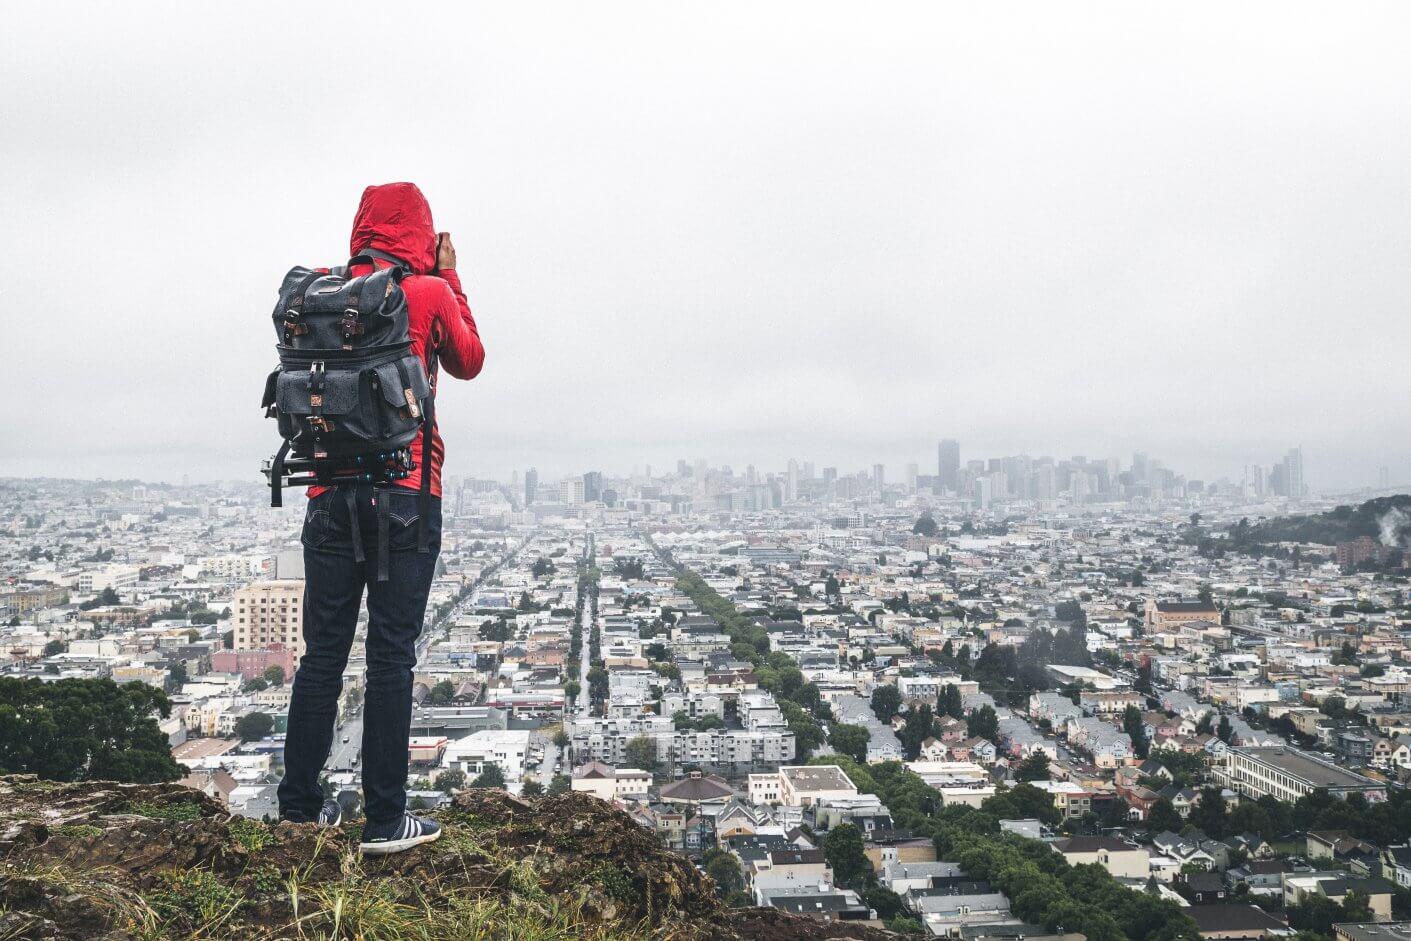 pessoa parada em um mirante natural para uma cidade cheia de casas e prédios baixos.